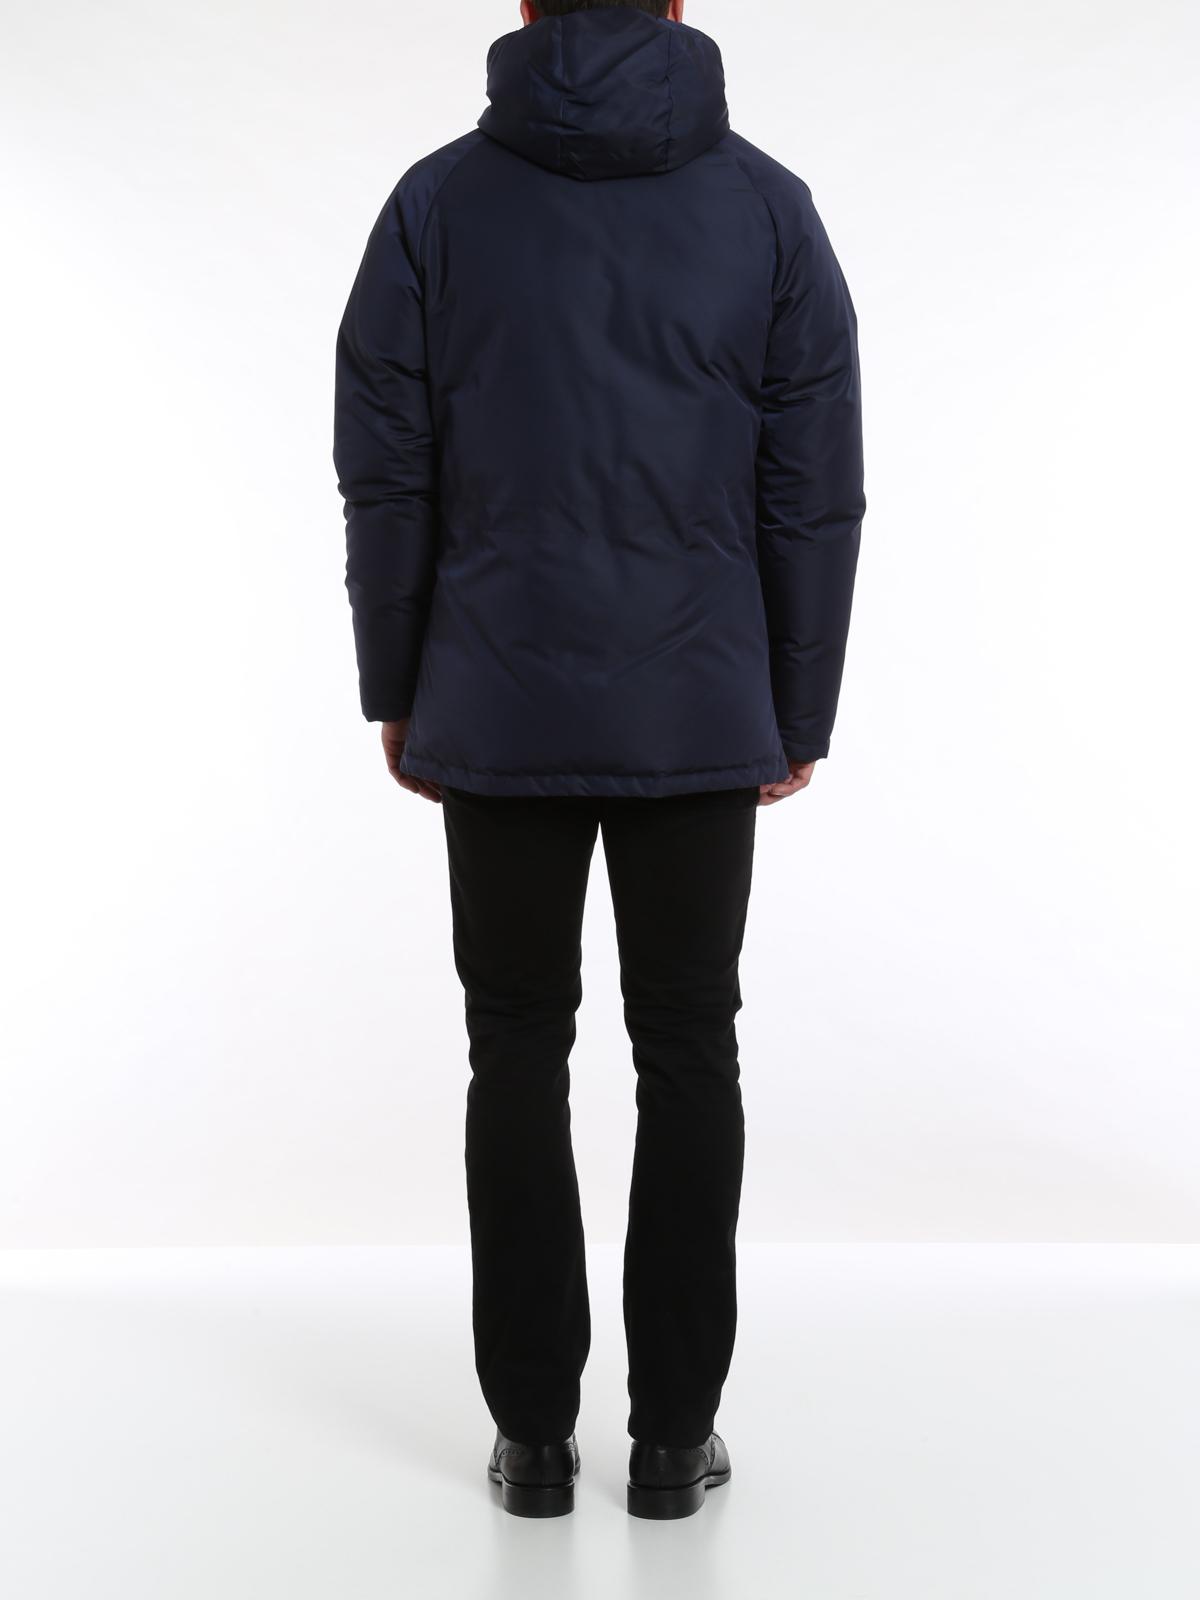 Vestes Pour Homme Bleu Blouson Versace Rembourré Collection w4vp6wxY